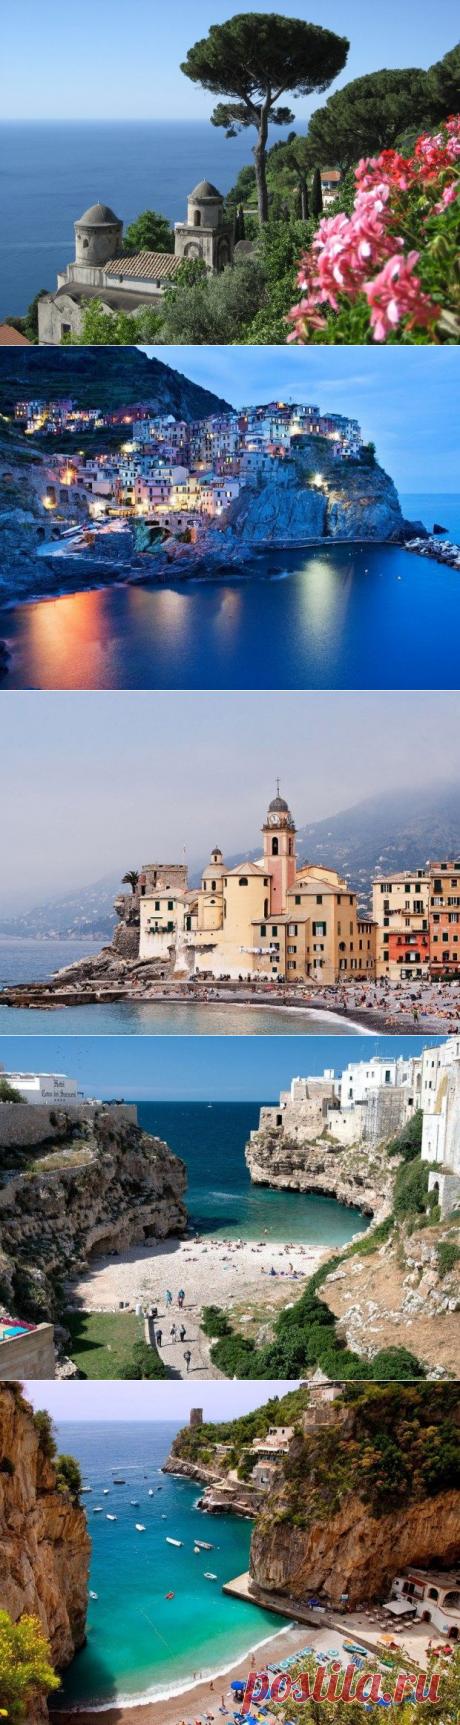 Поздний вечер в Сорренто: лучшие города итальянского побережья / Туристический спутник